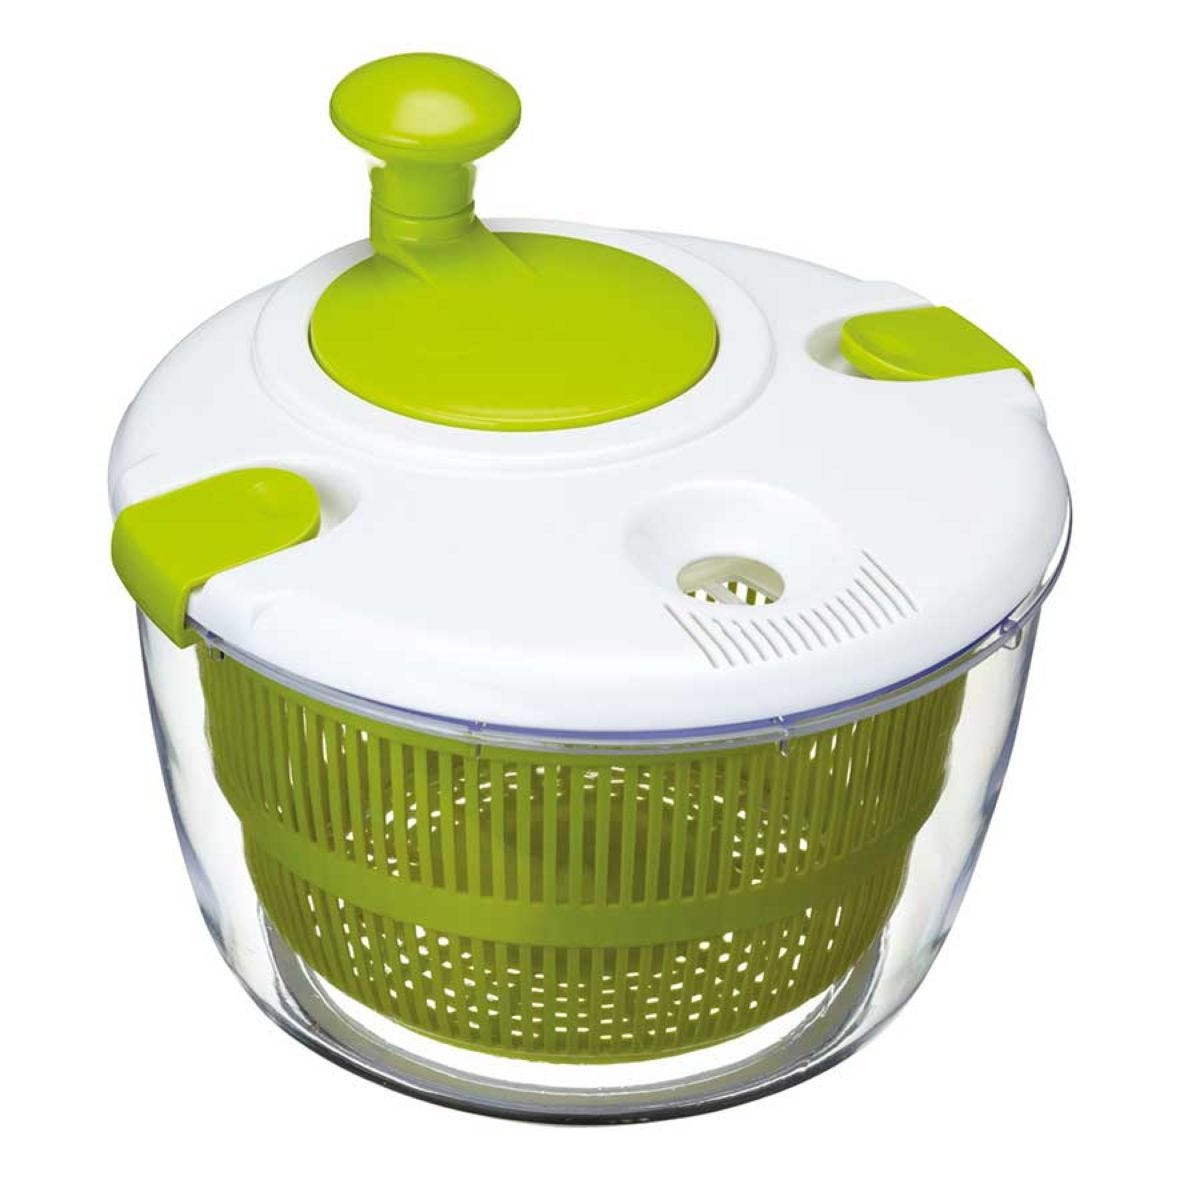 KitchenCraft Salad Spinner